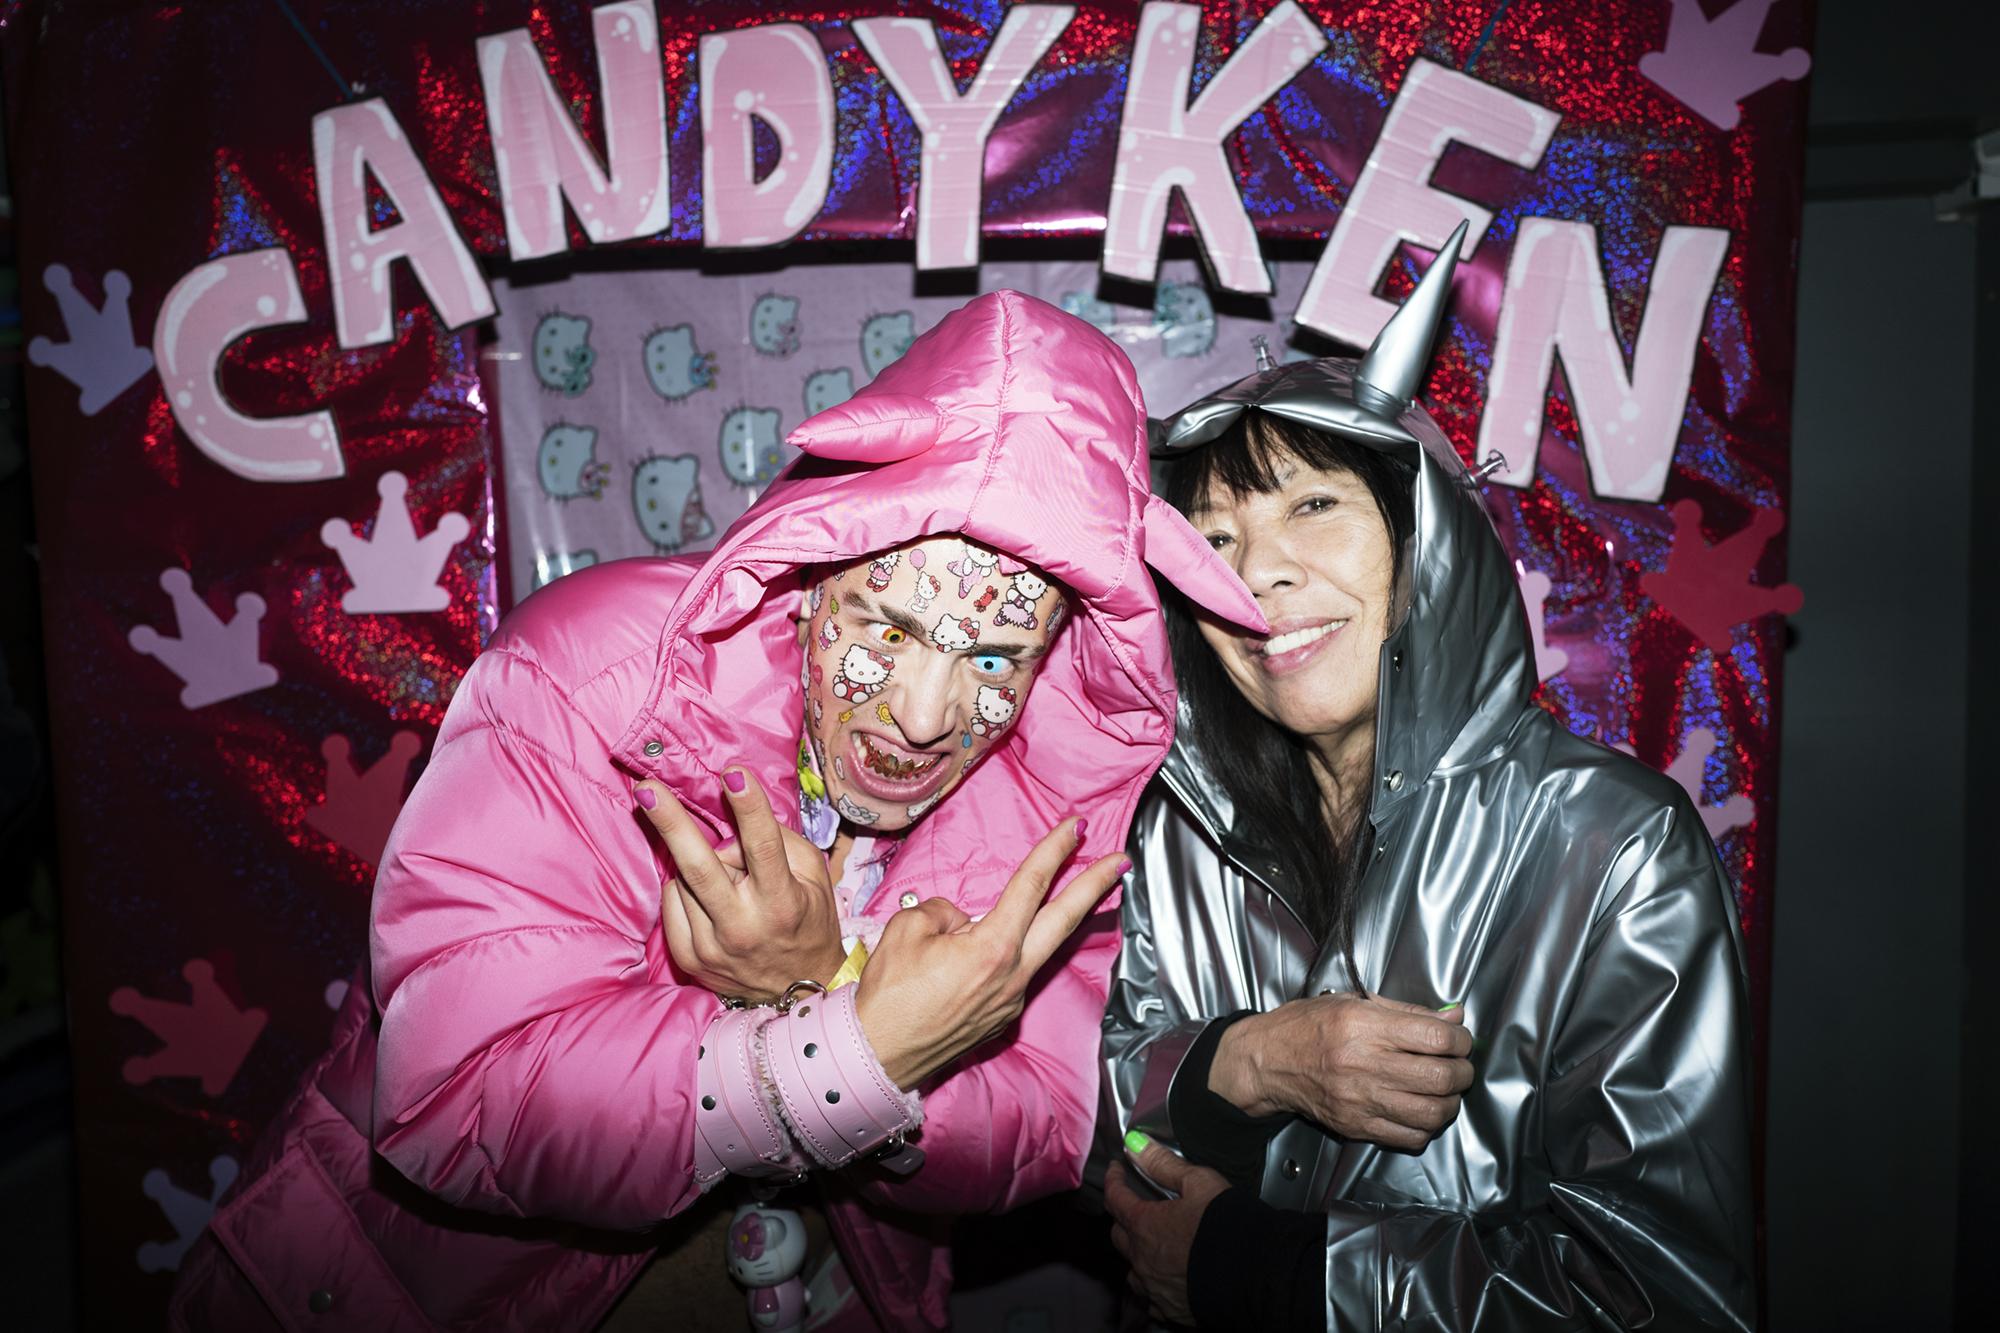 Candy Ken_11.jpg